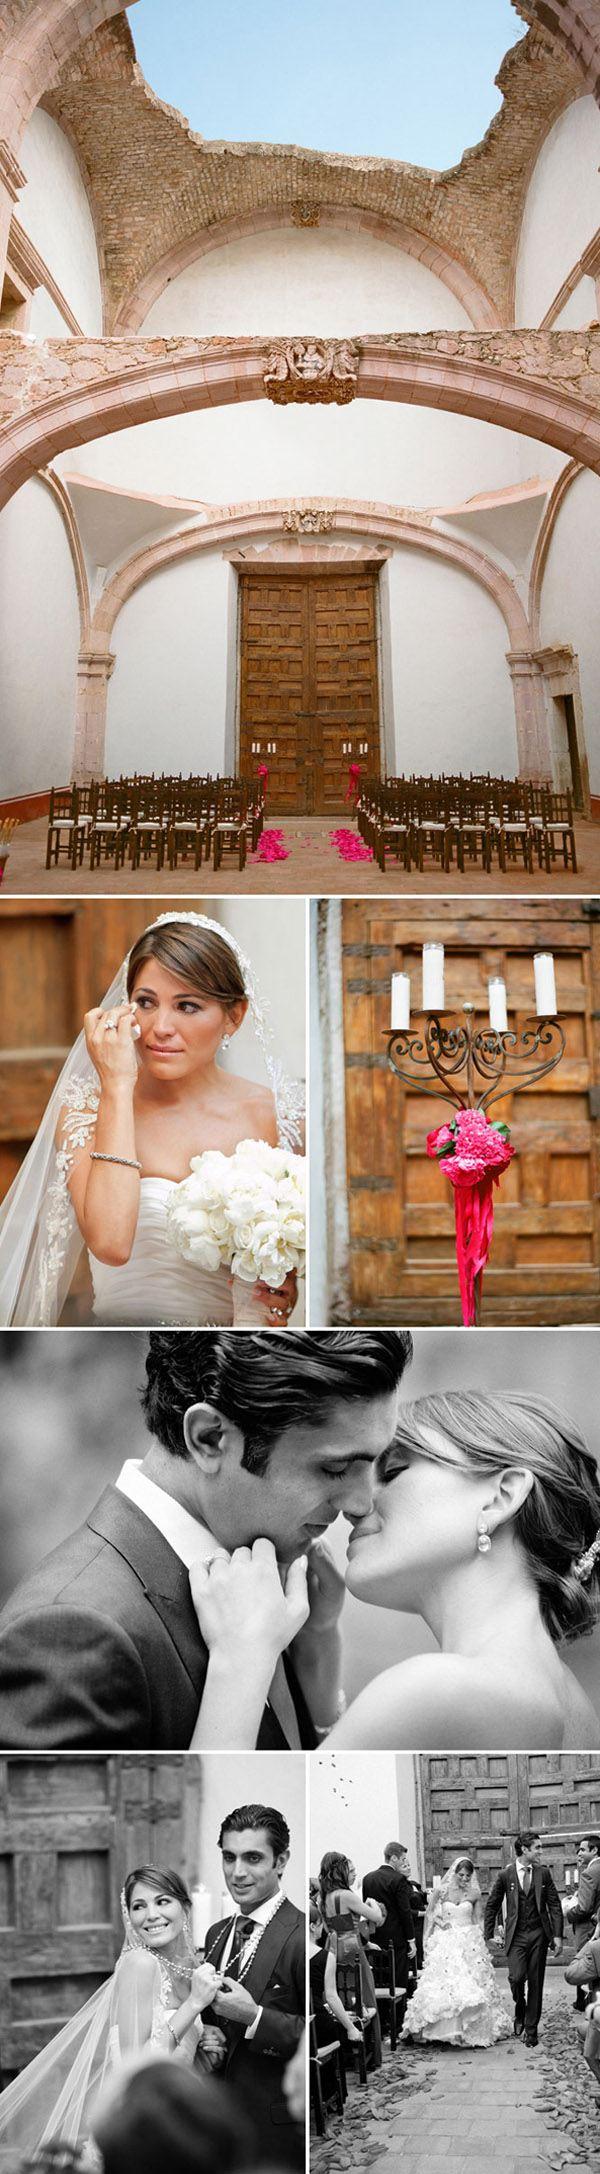 Regina & Zaheen: boda en Zacatecas mexico_4_600x2174